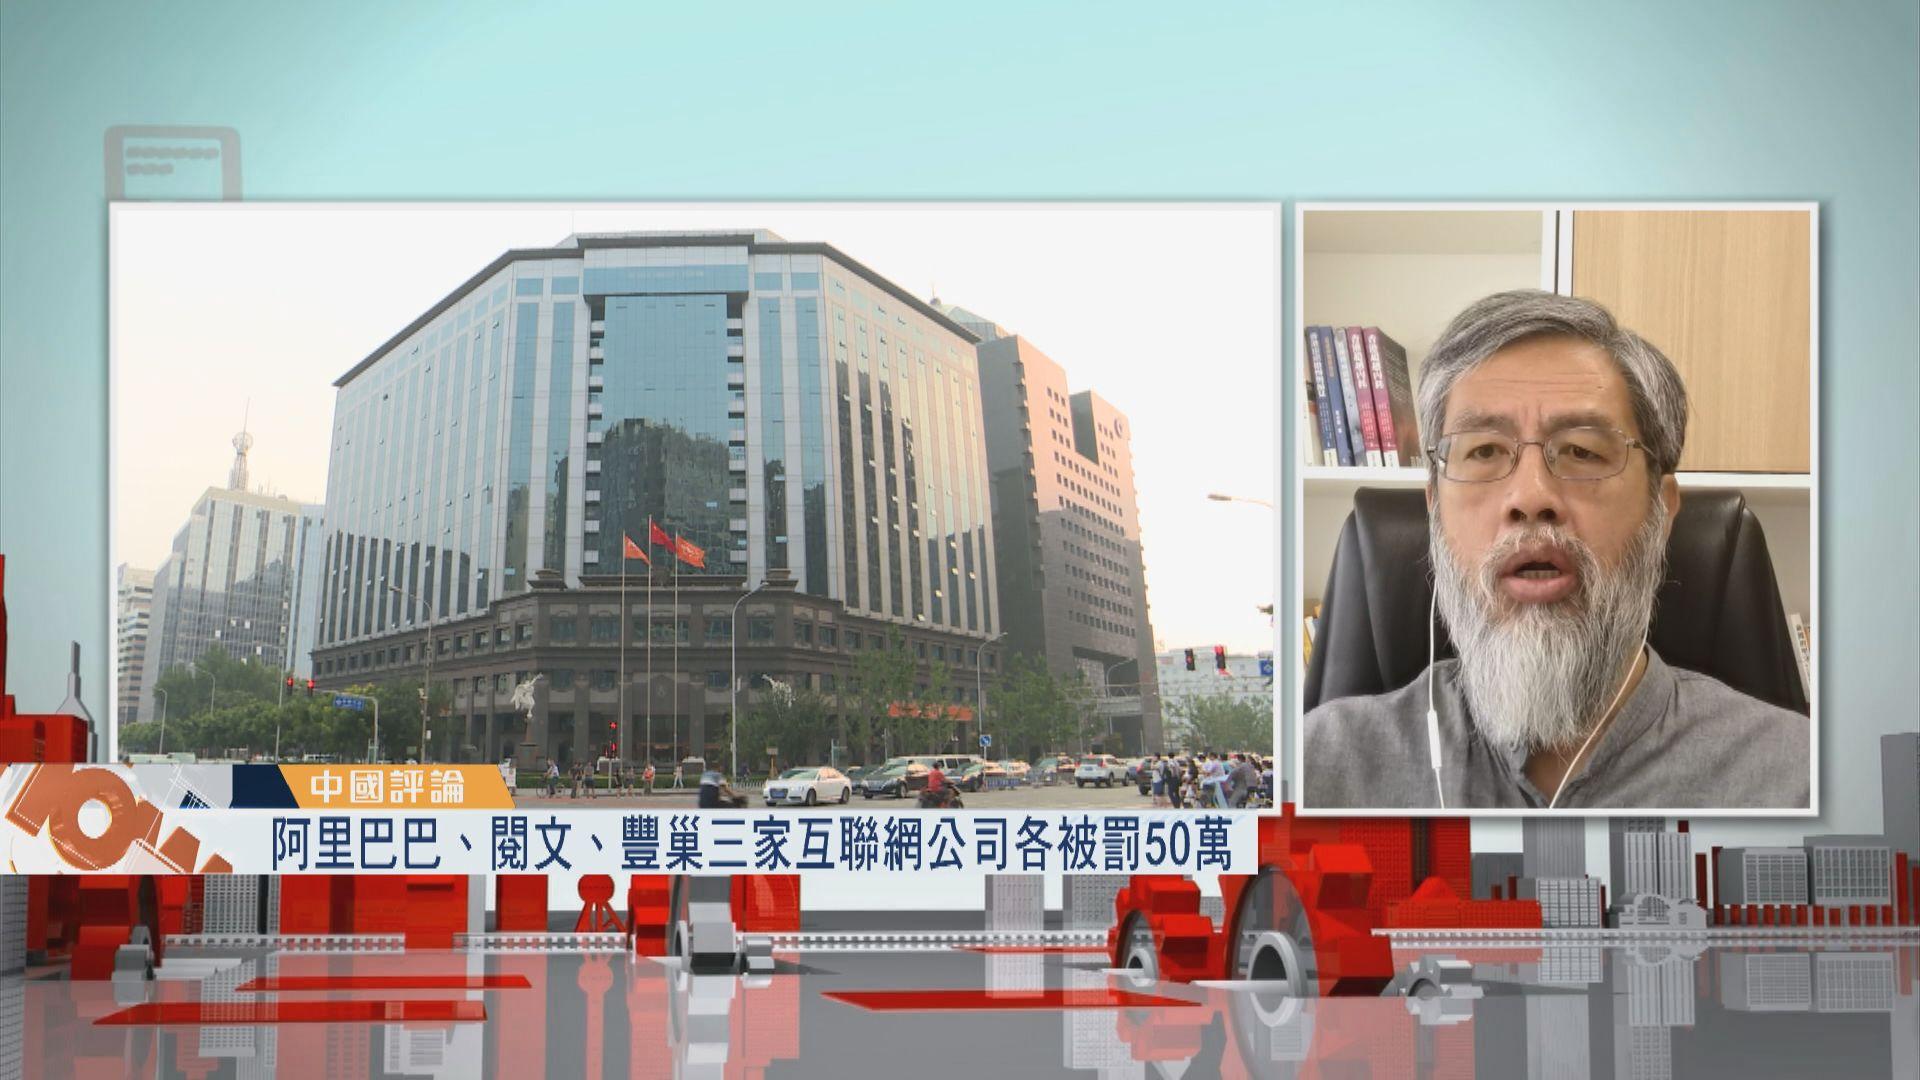 【中國評論】阿里巴巴等被罰50萬/上月用電量升逾9%